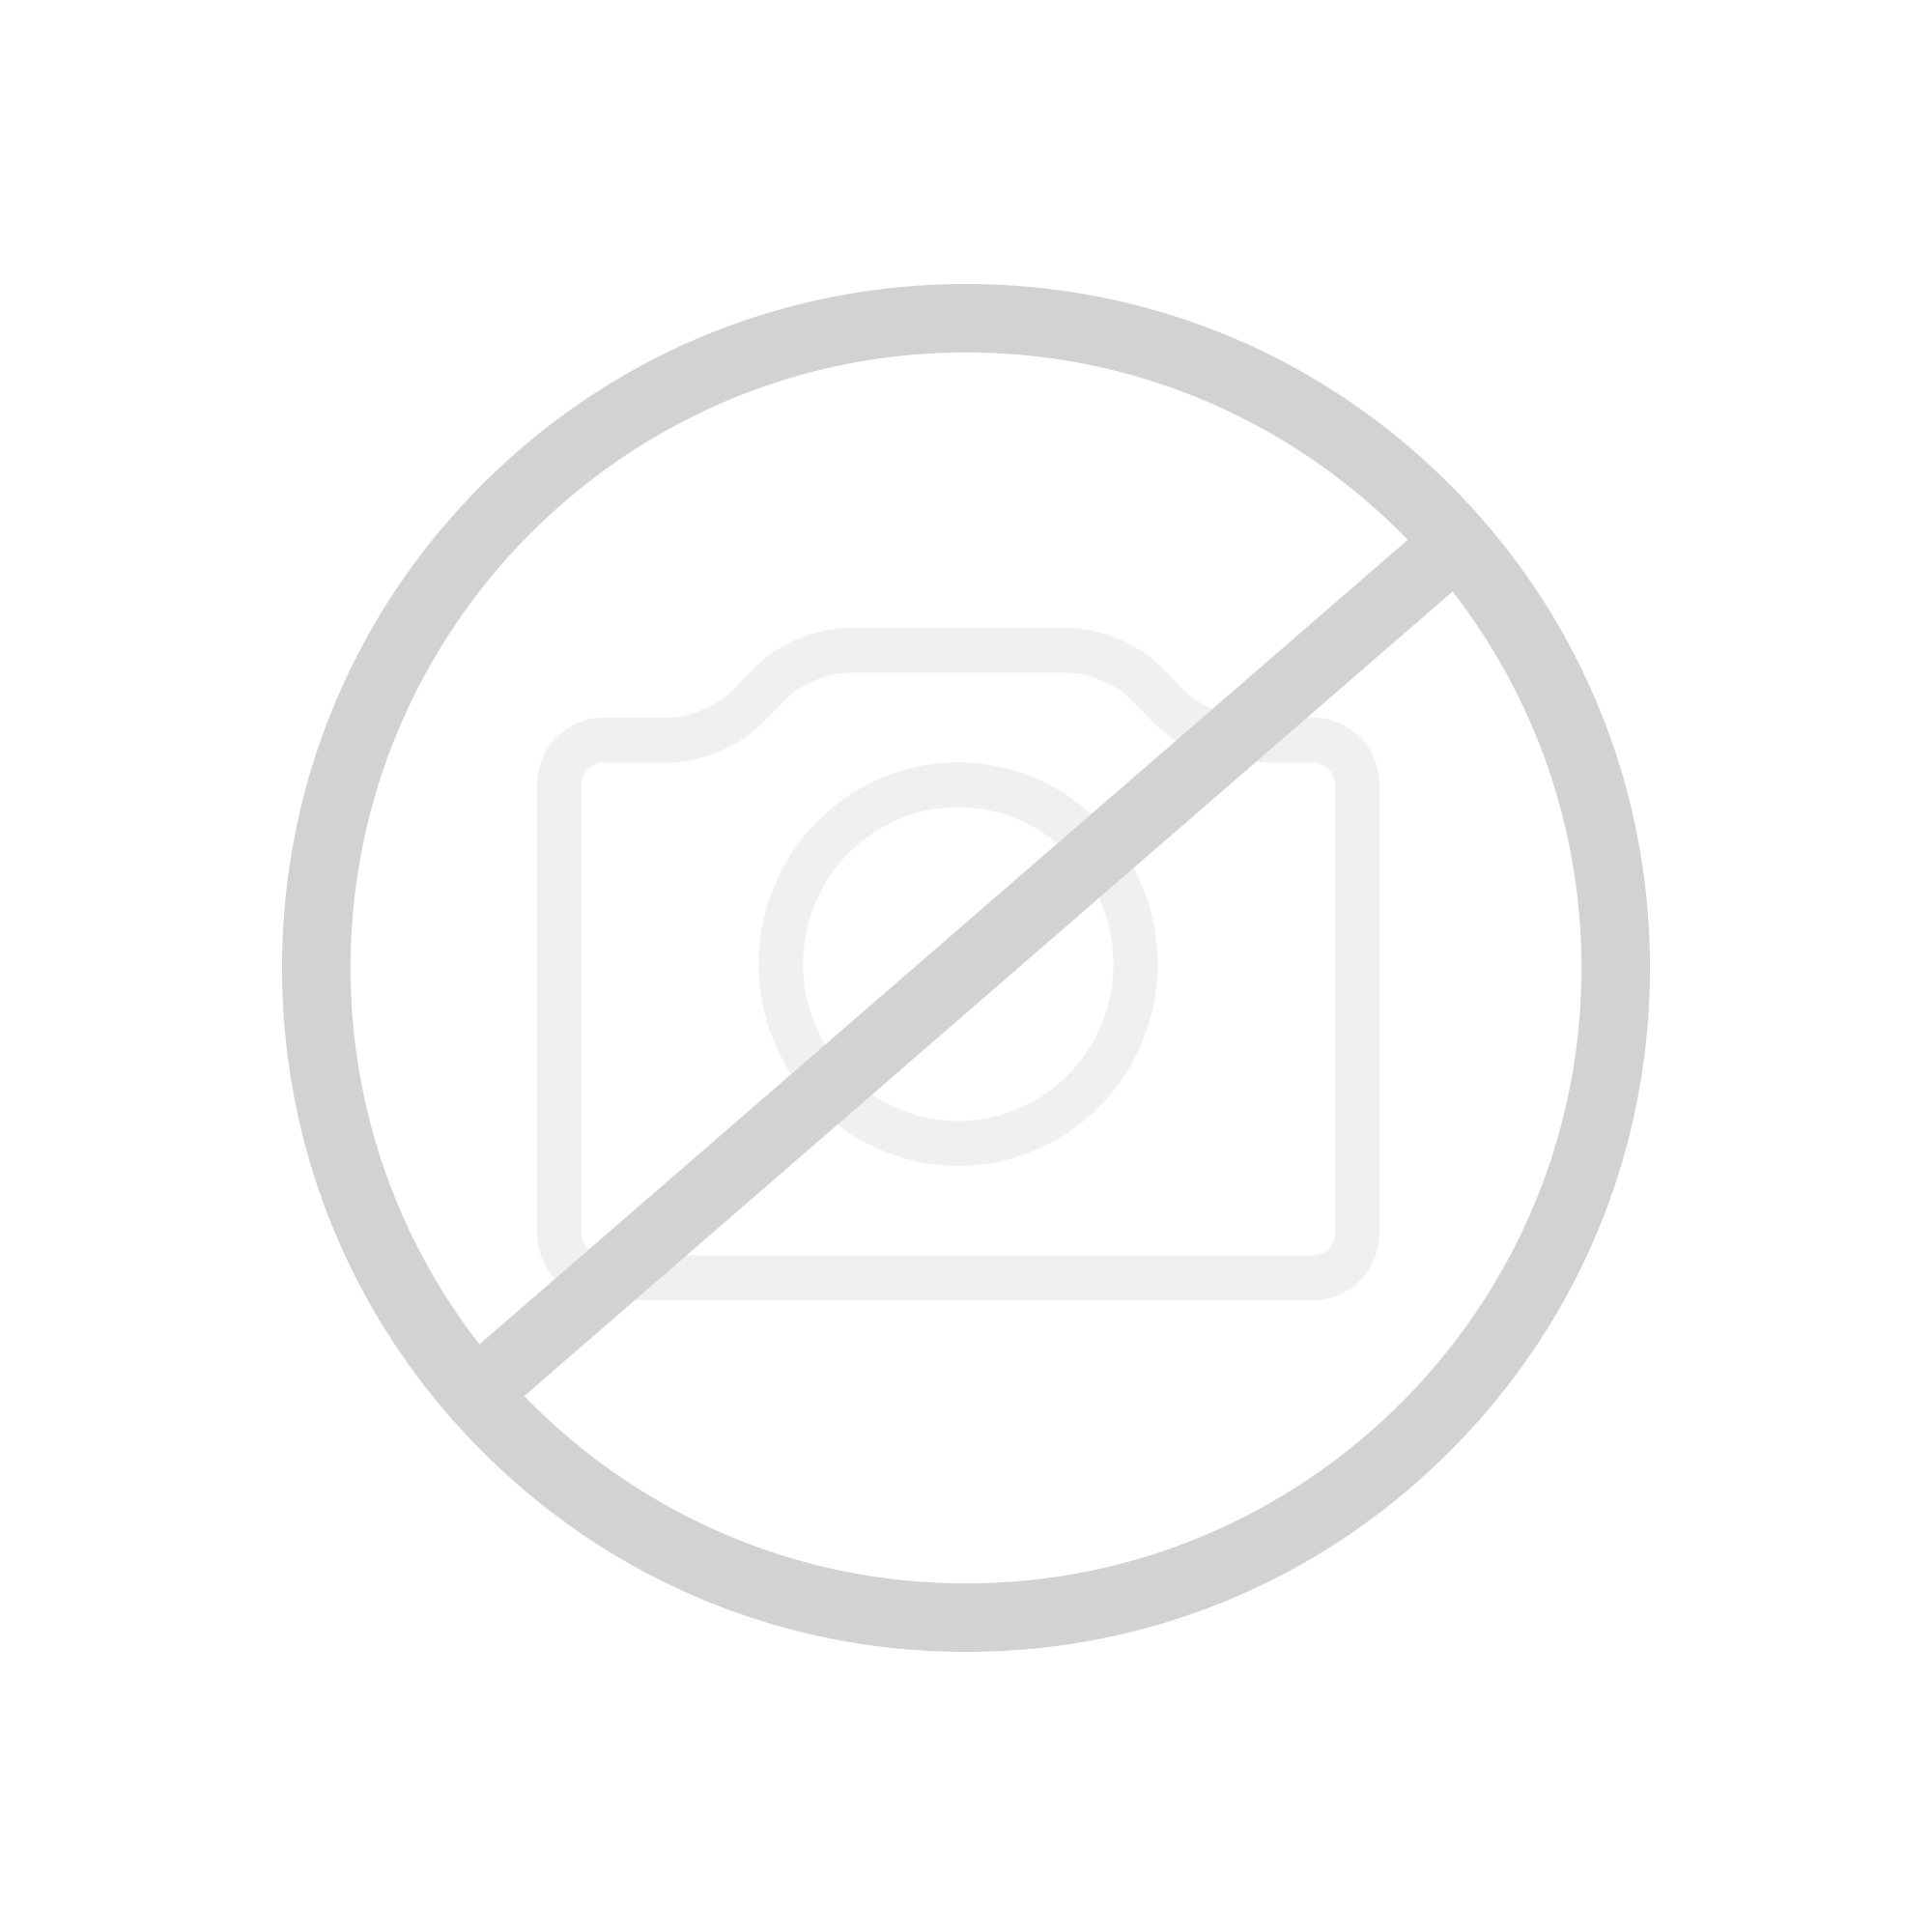 Burg Sinea Waschtischunterschrank B: 161 cm mit 1 Auszug, 2 Schubladen und Doppelwaschtisch Front weiß hochglanz/Korpus weiß glänzend/Waschtisch weiß